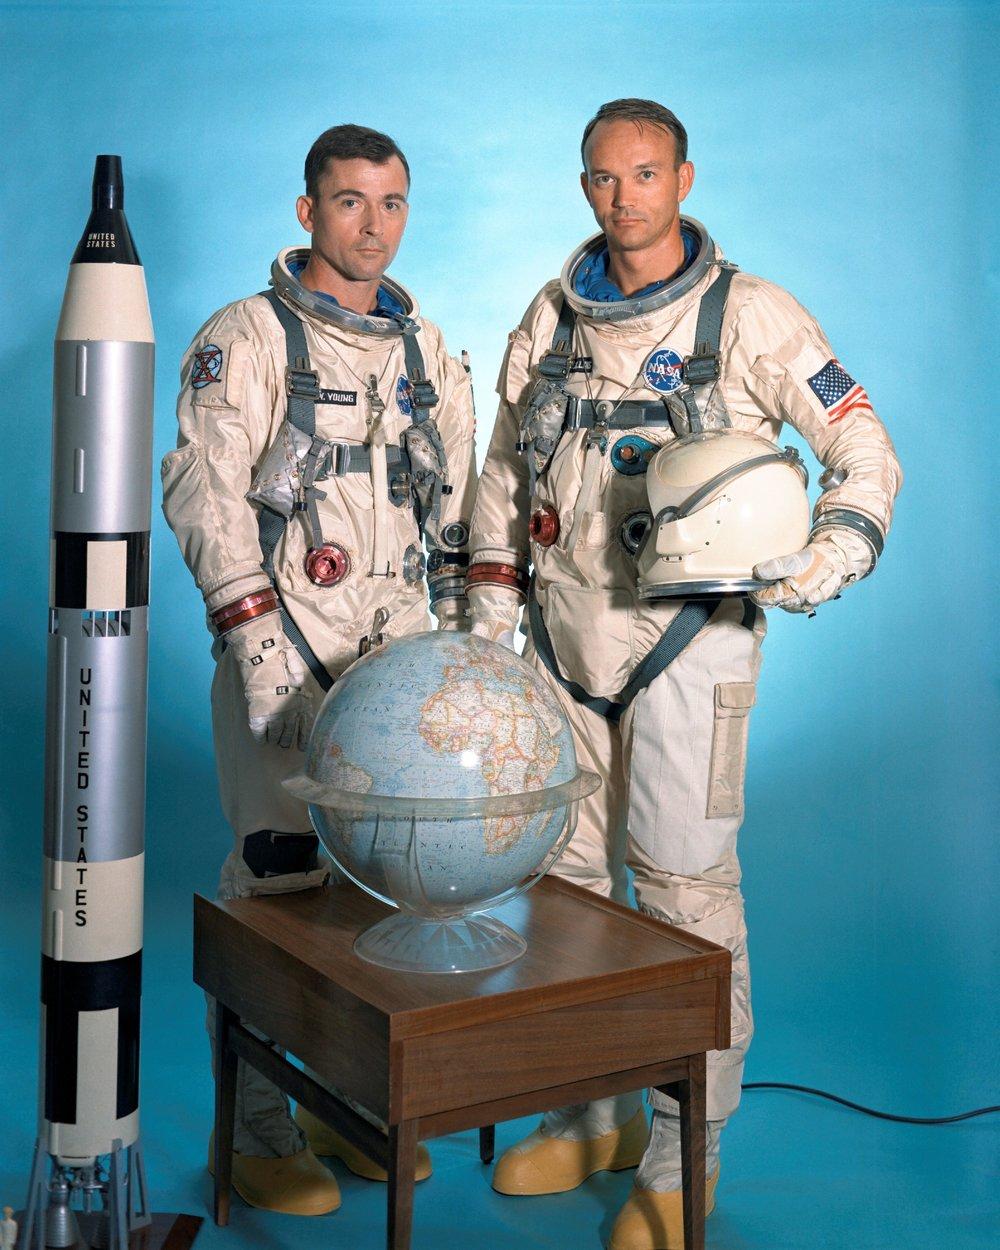 The Gemini X prime crew